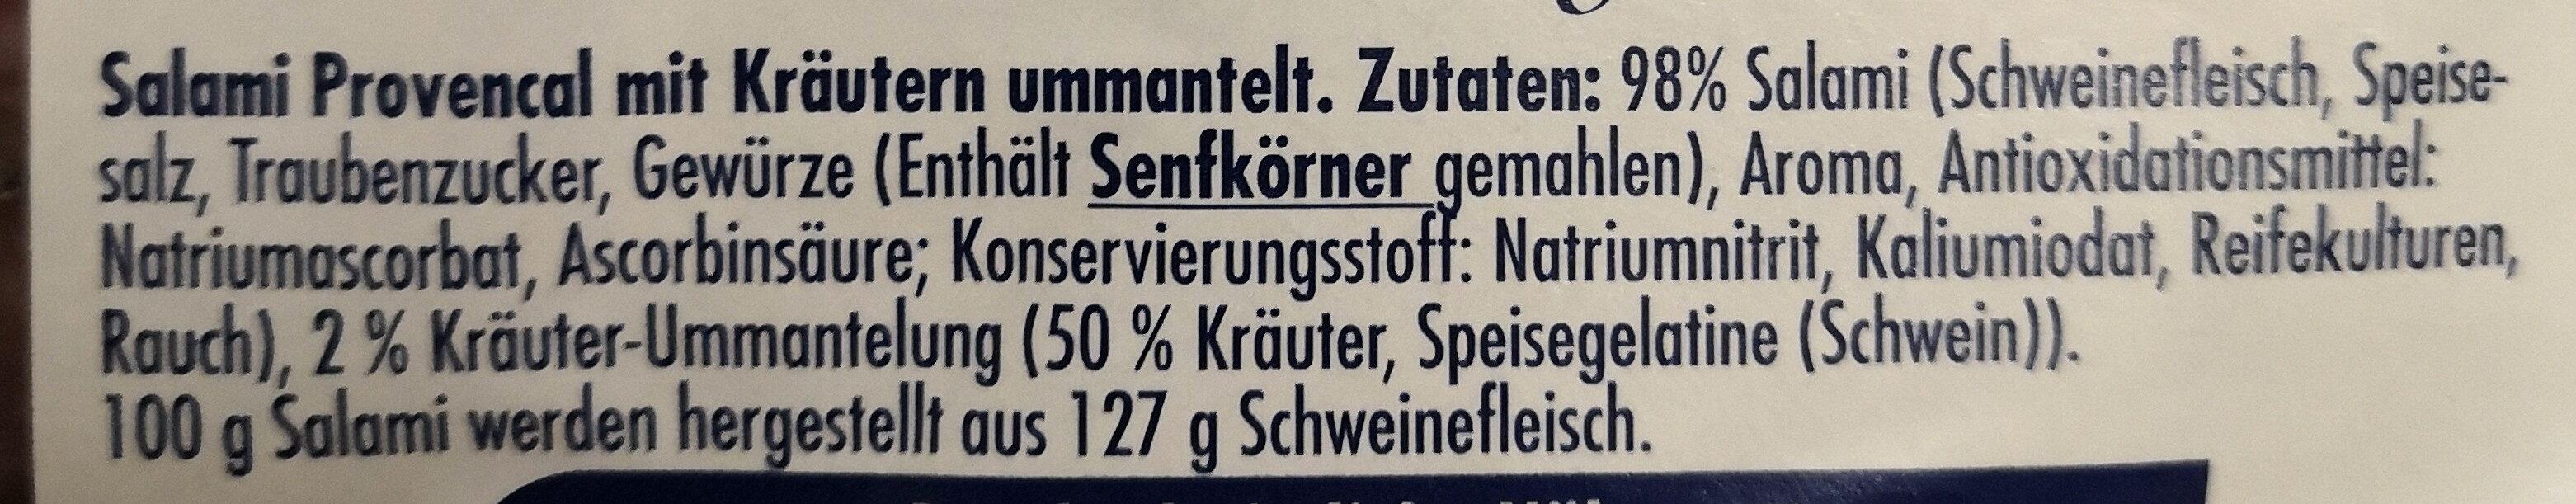 Stockmeyer Salami Provencal mild geräuchert nach französischer Art - Inhaltsstoffe